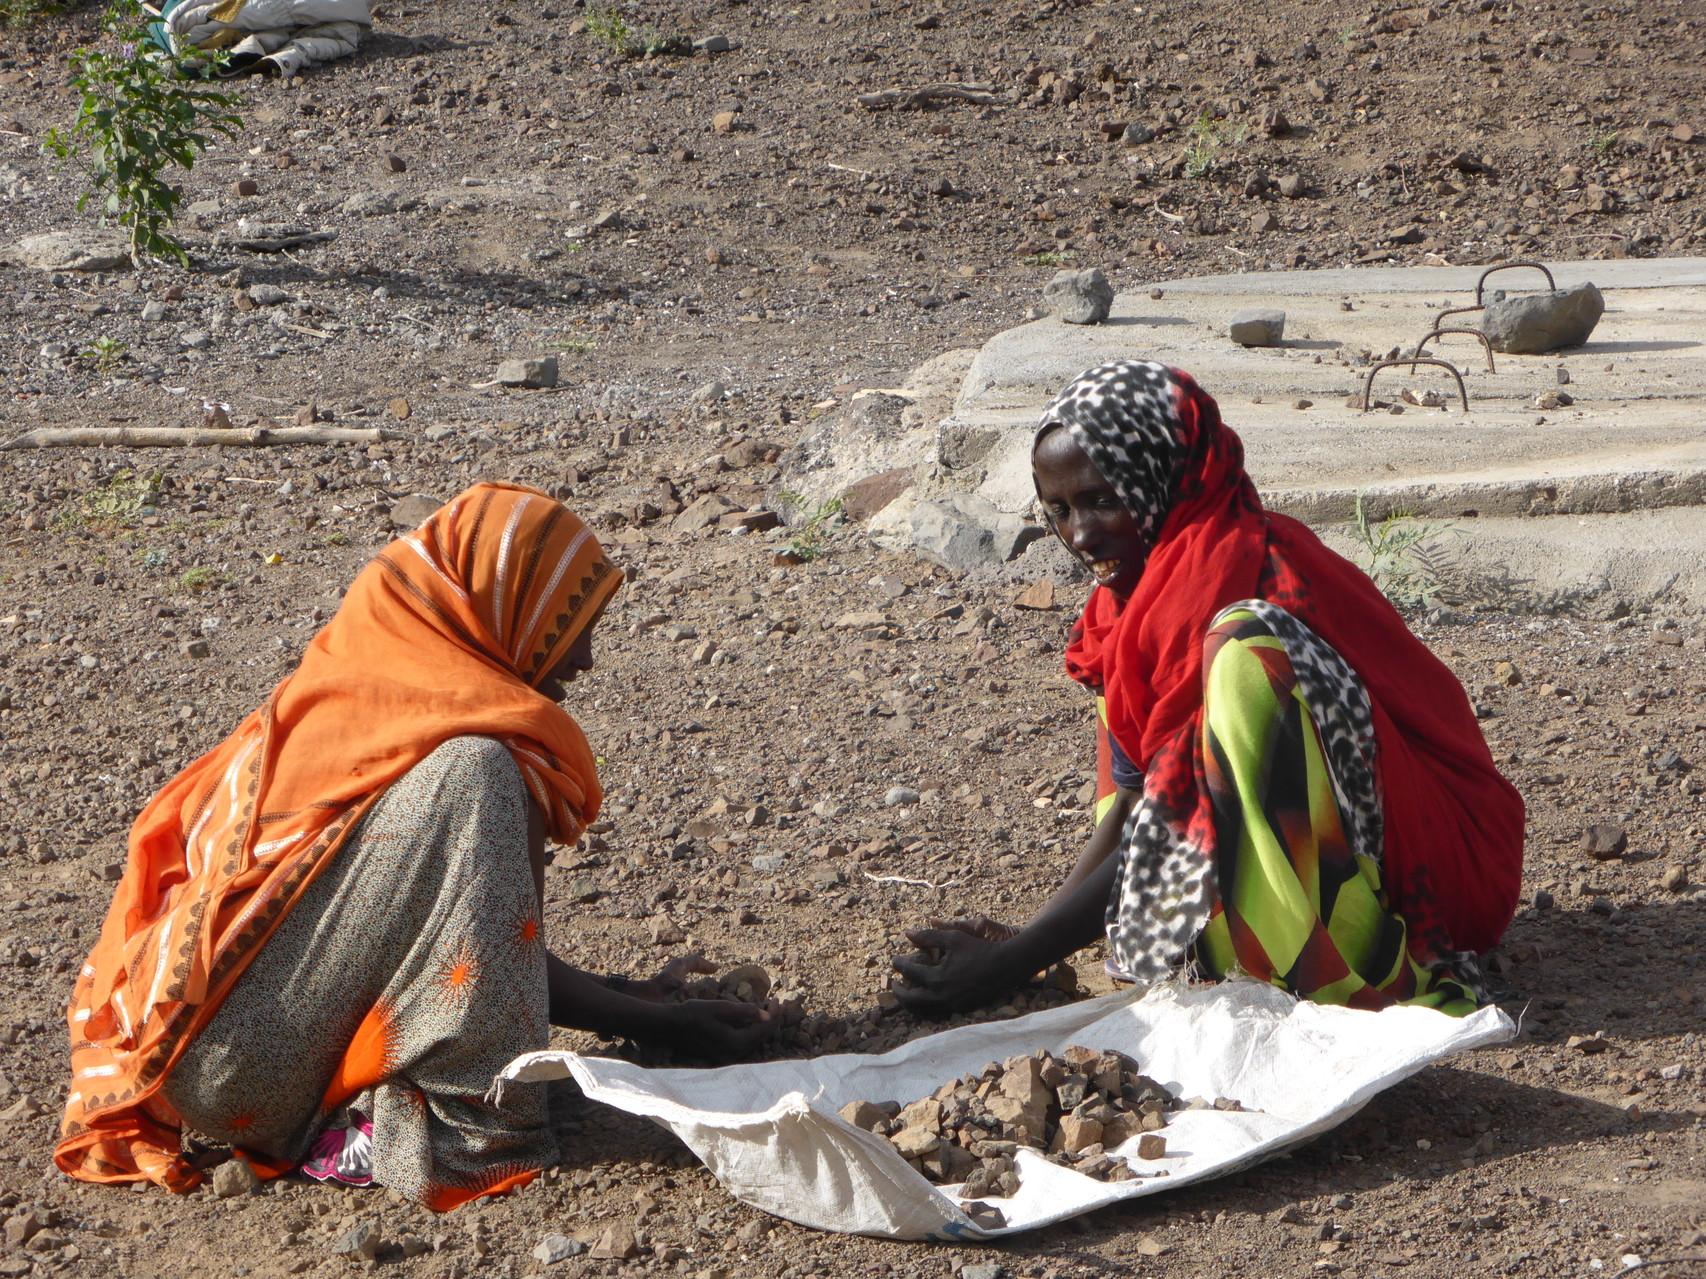 Ramassage de pierres pour la copnstruction de gabions : ouvrages destinés à retenir l'eau de pluie et à diminuer l'érosion